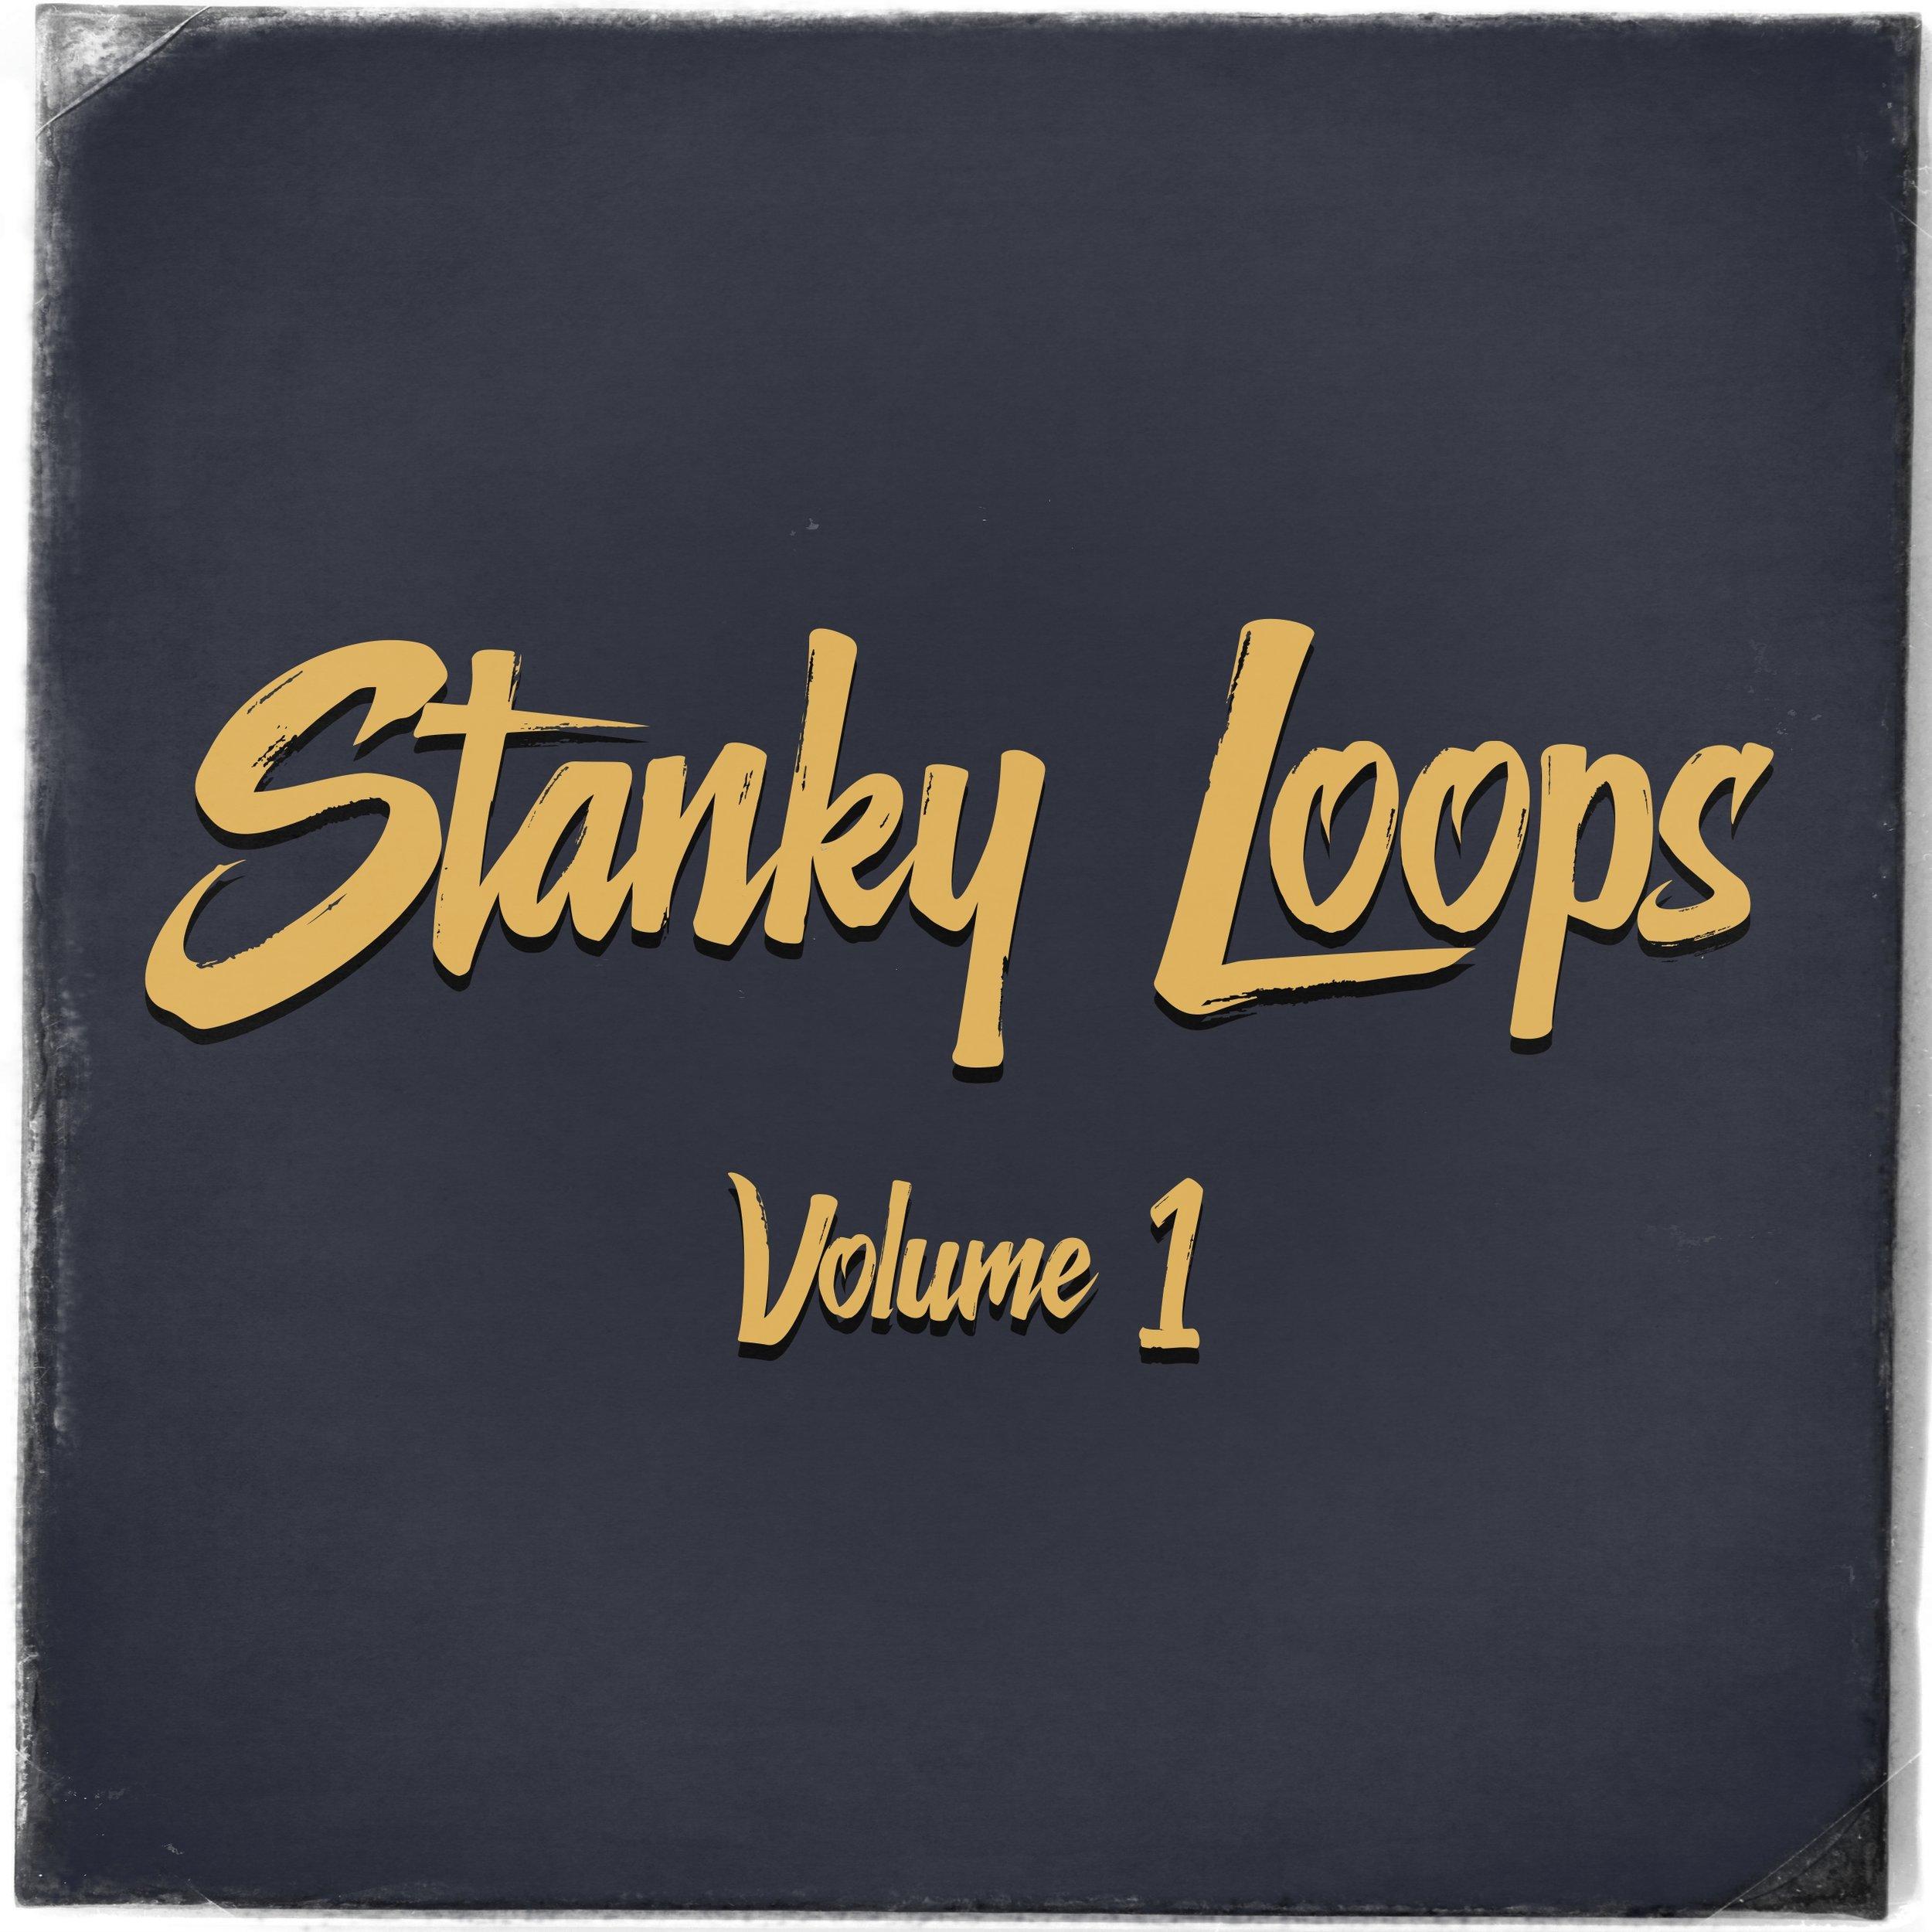 Stanky Loops Volume 1 — Jeff Schneider Music